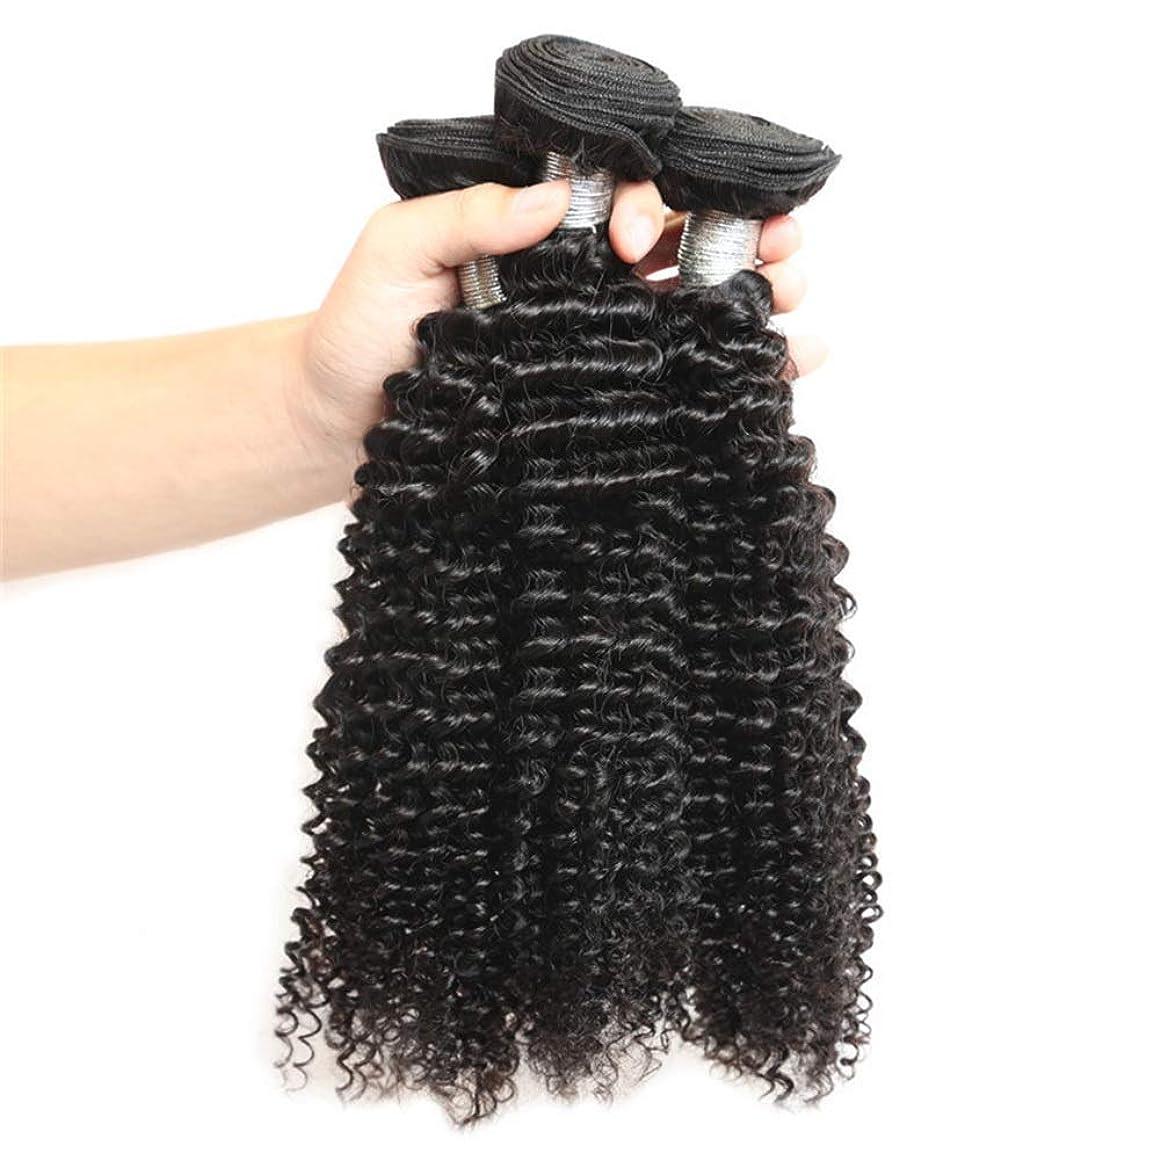 信頼できる味わう部BOBIDYEE 変態カーリーバージンヘア織りバンドル未処理の人間の毛髪延長用女性ナチュラルブラック(8インチ-26インチ)小さなカーリーウィッグ (色 : 黒, サイズ : 26 inch)